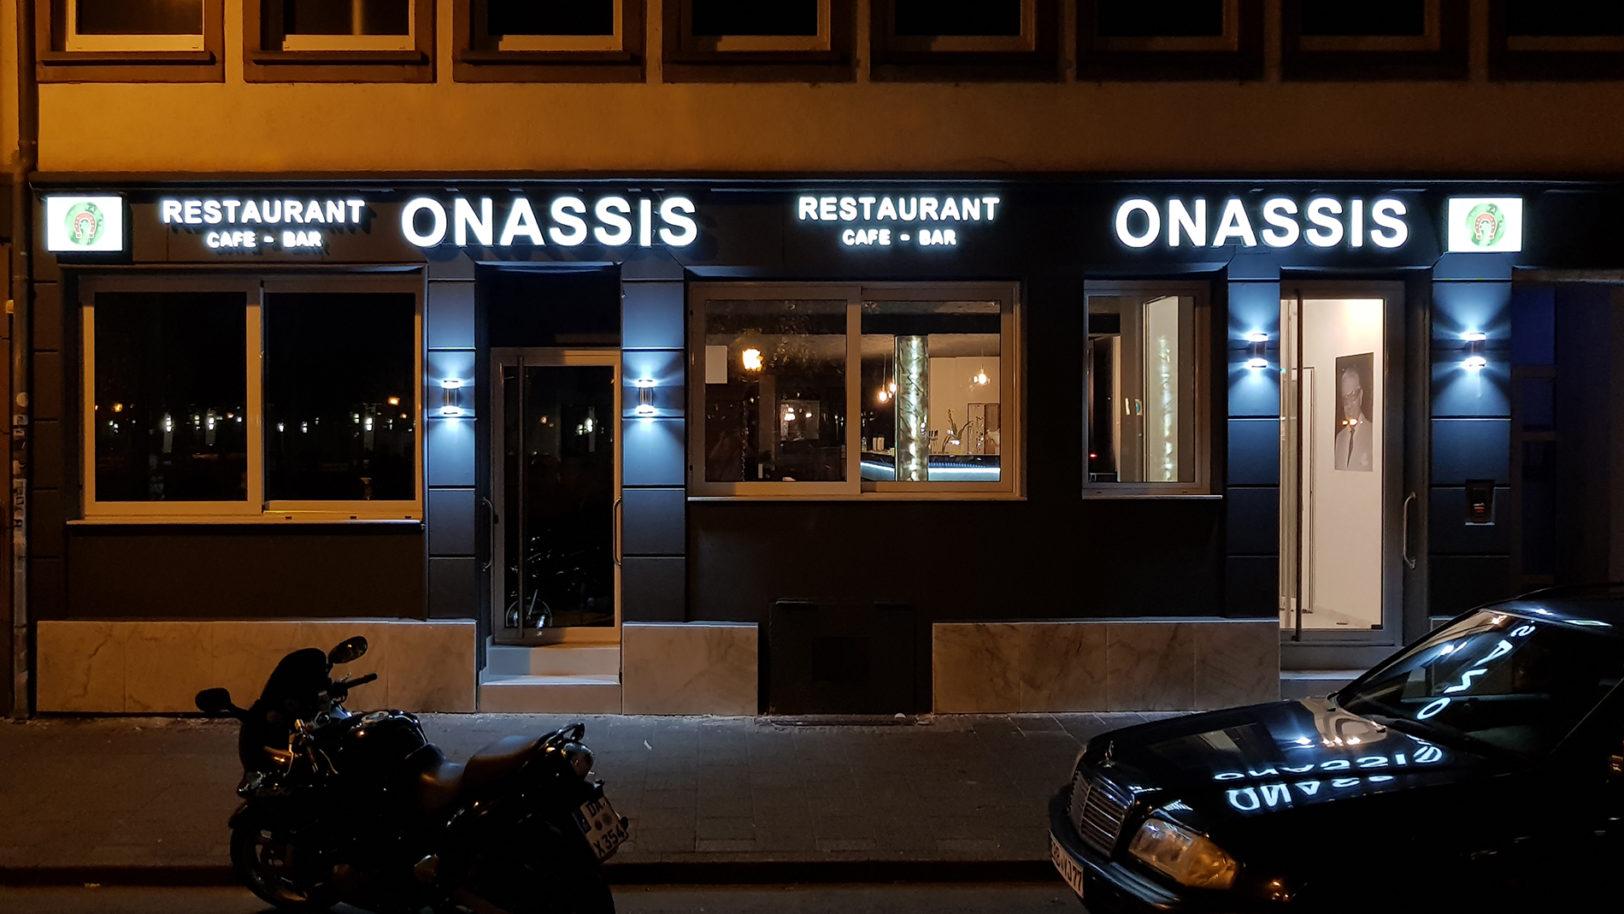 Lichtwerbung-Onassis-darmstadt-portfolio